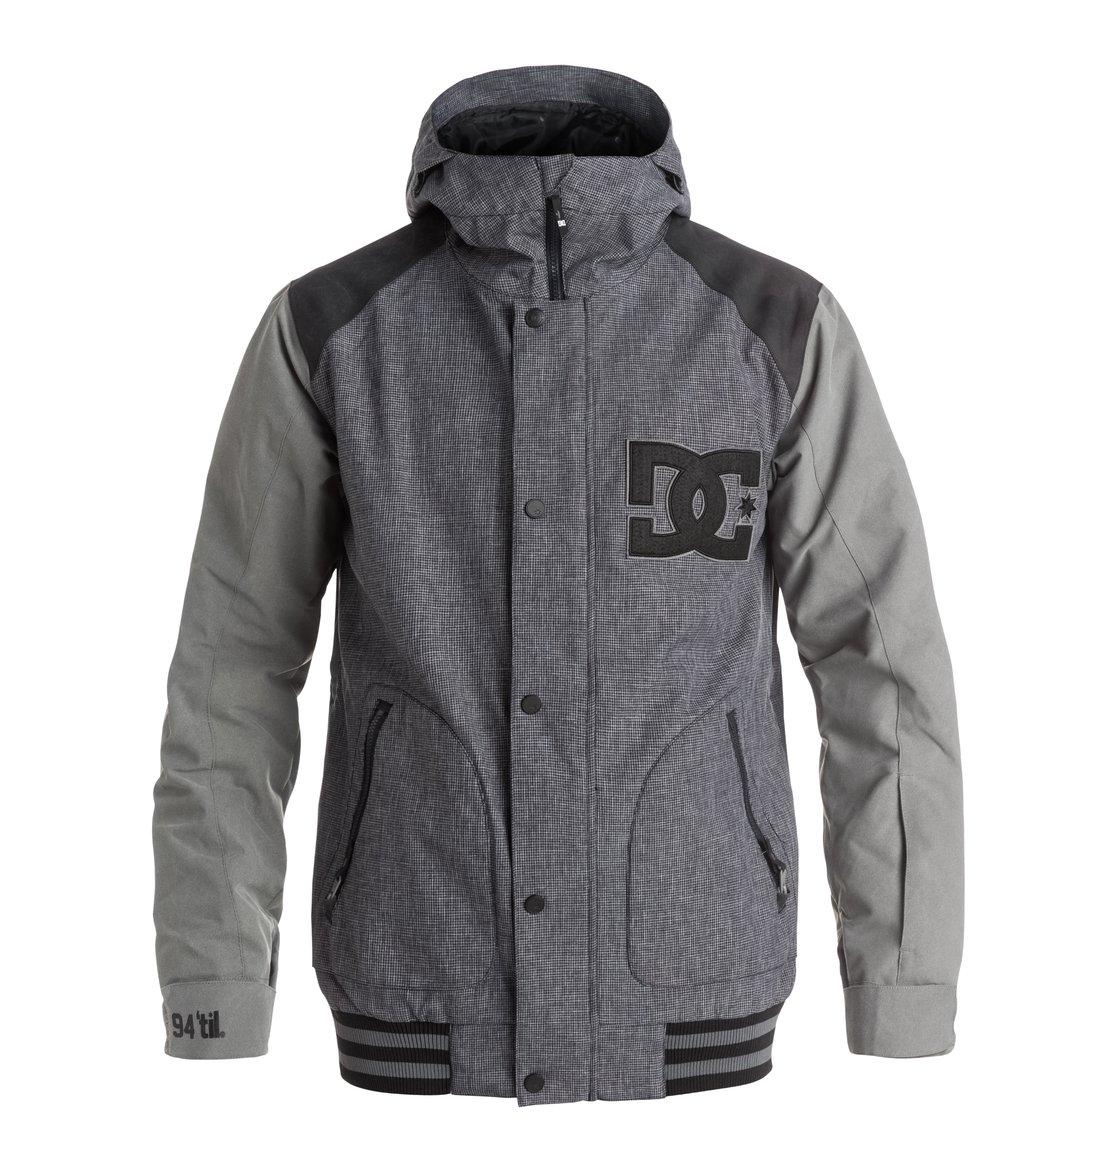 Сноубордическая куртка DCLA SE в университетском стиле